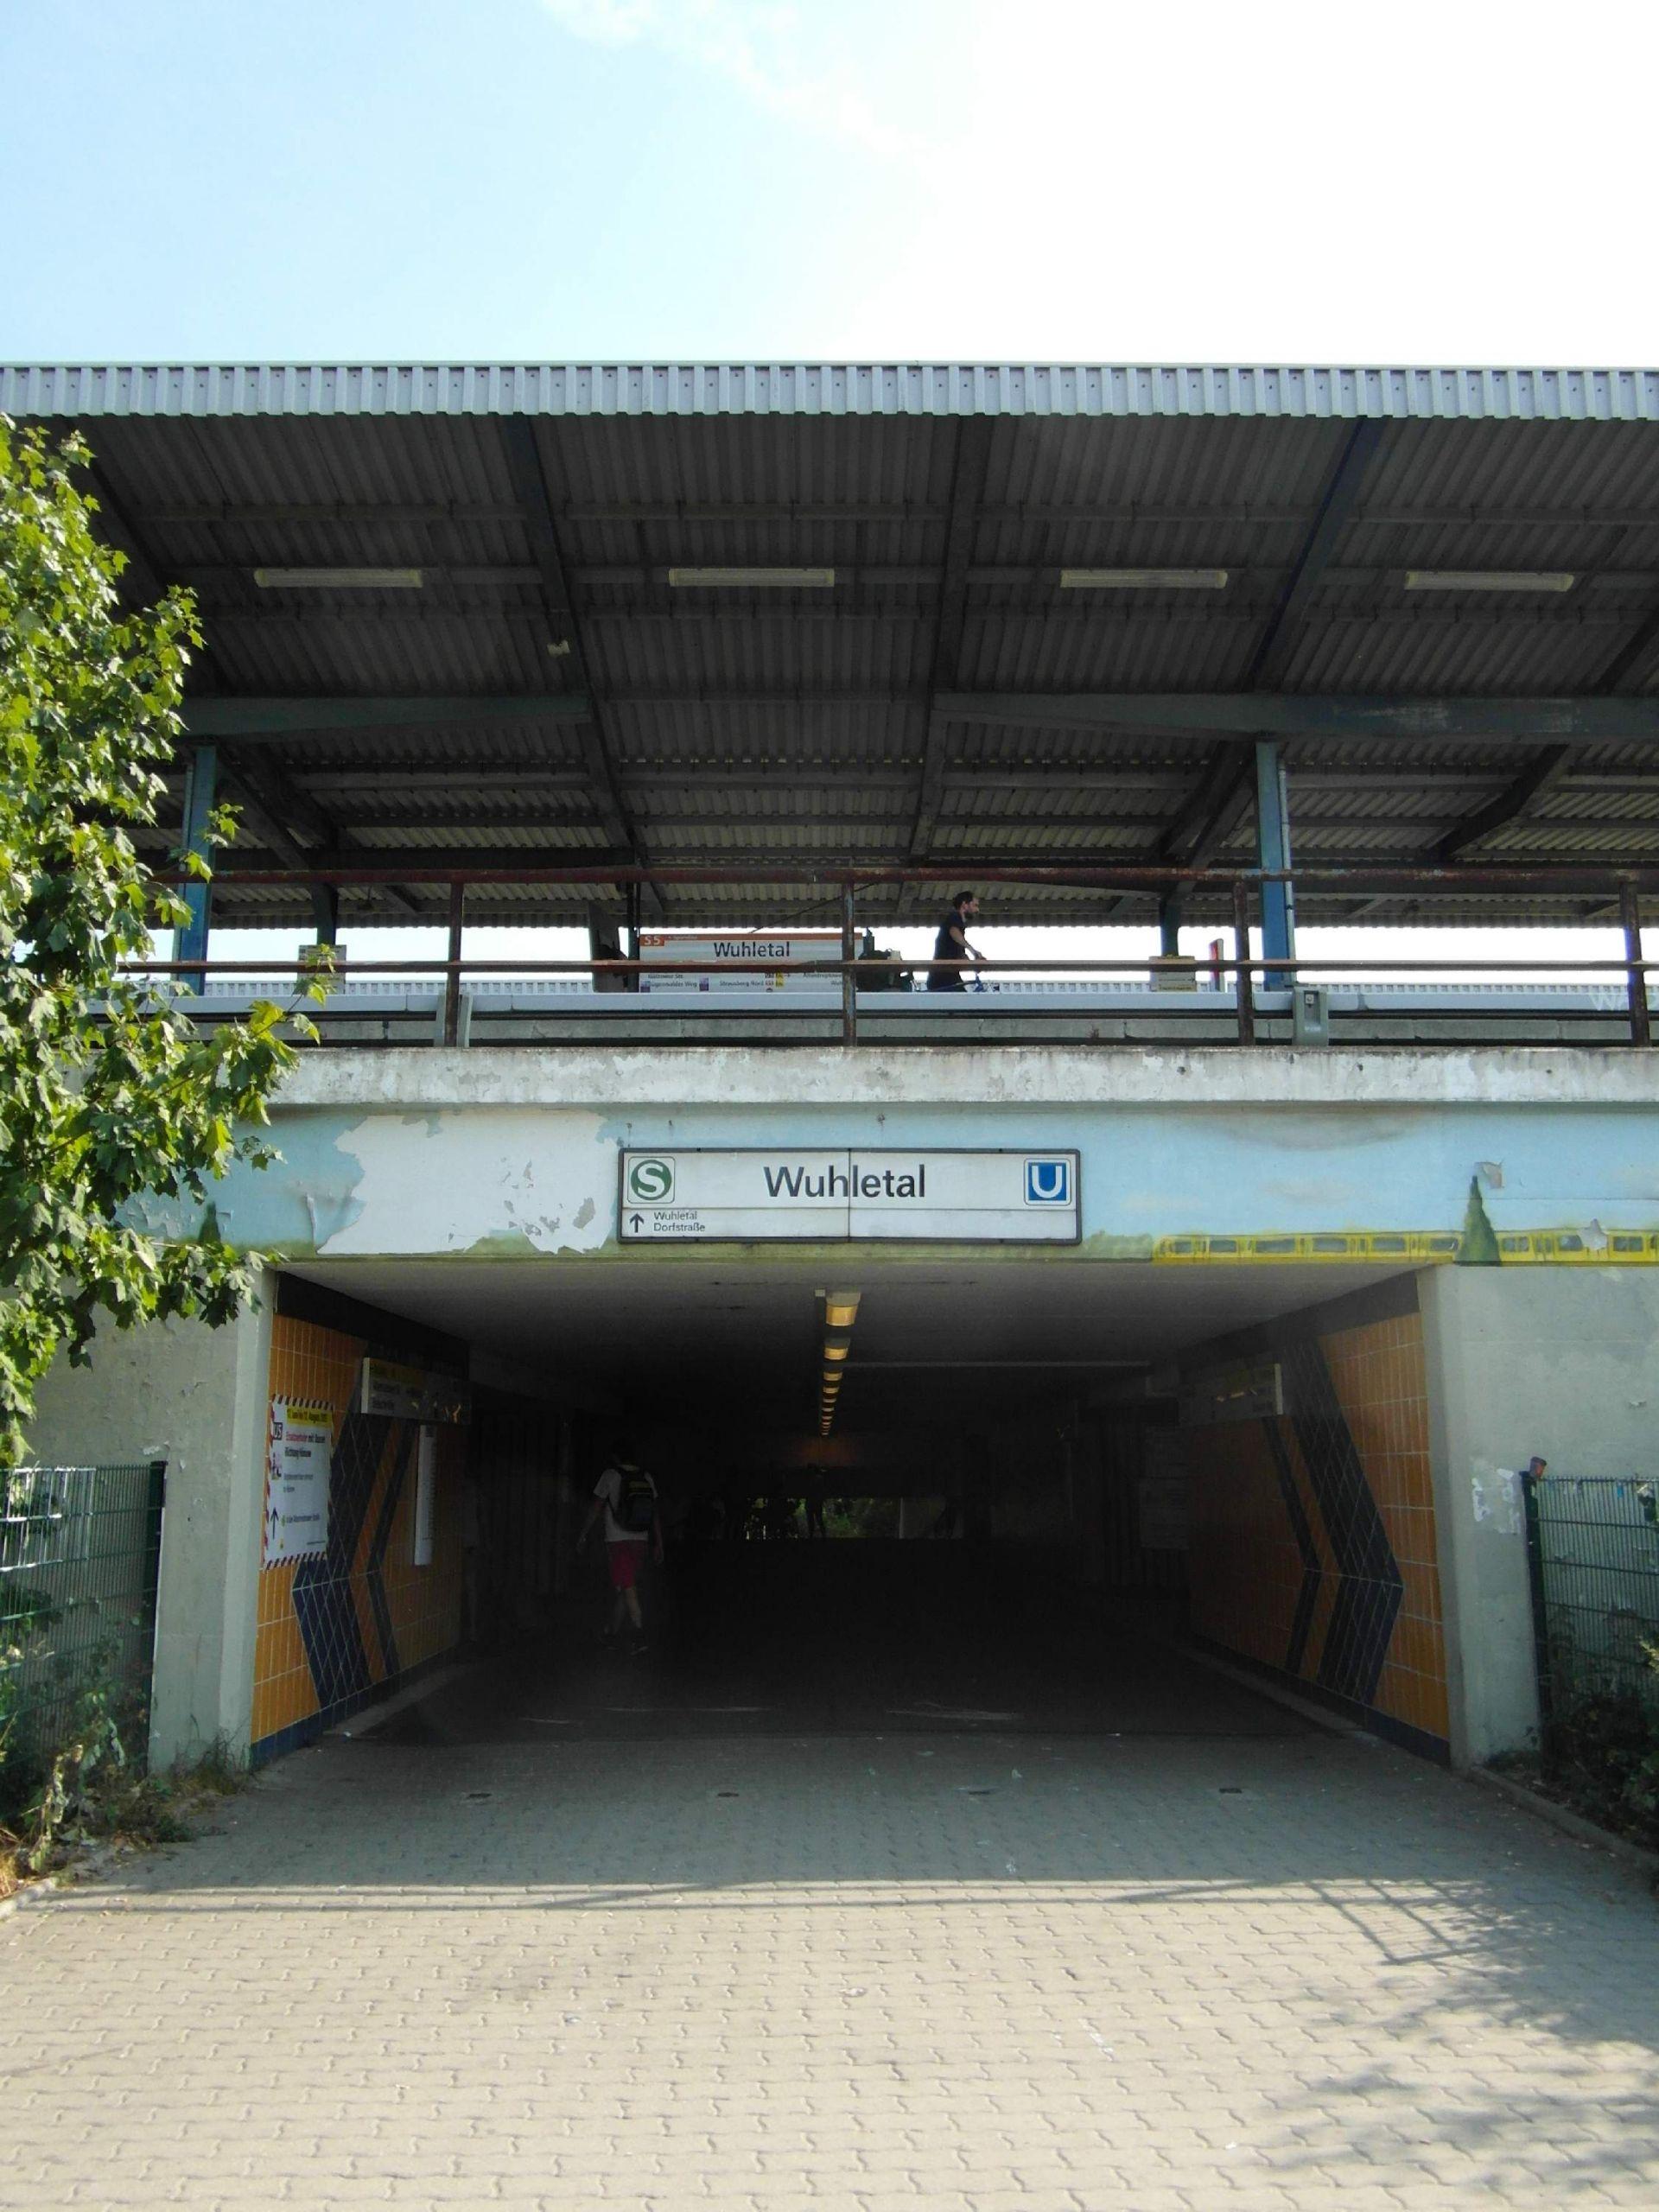 Berlin S und U Bahnhof Wuhletal %